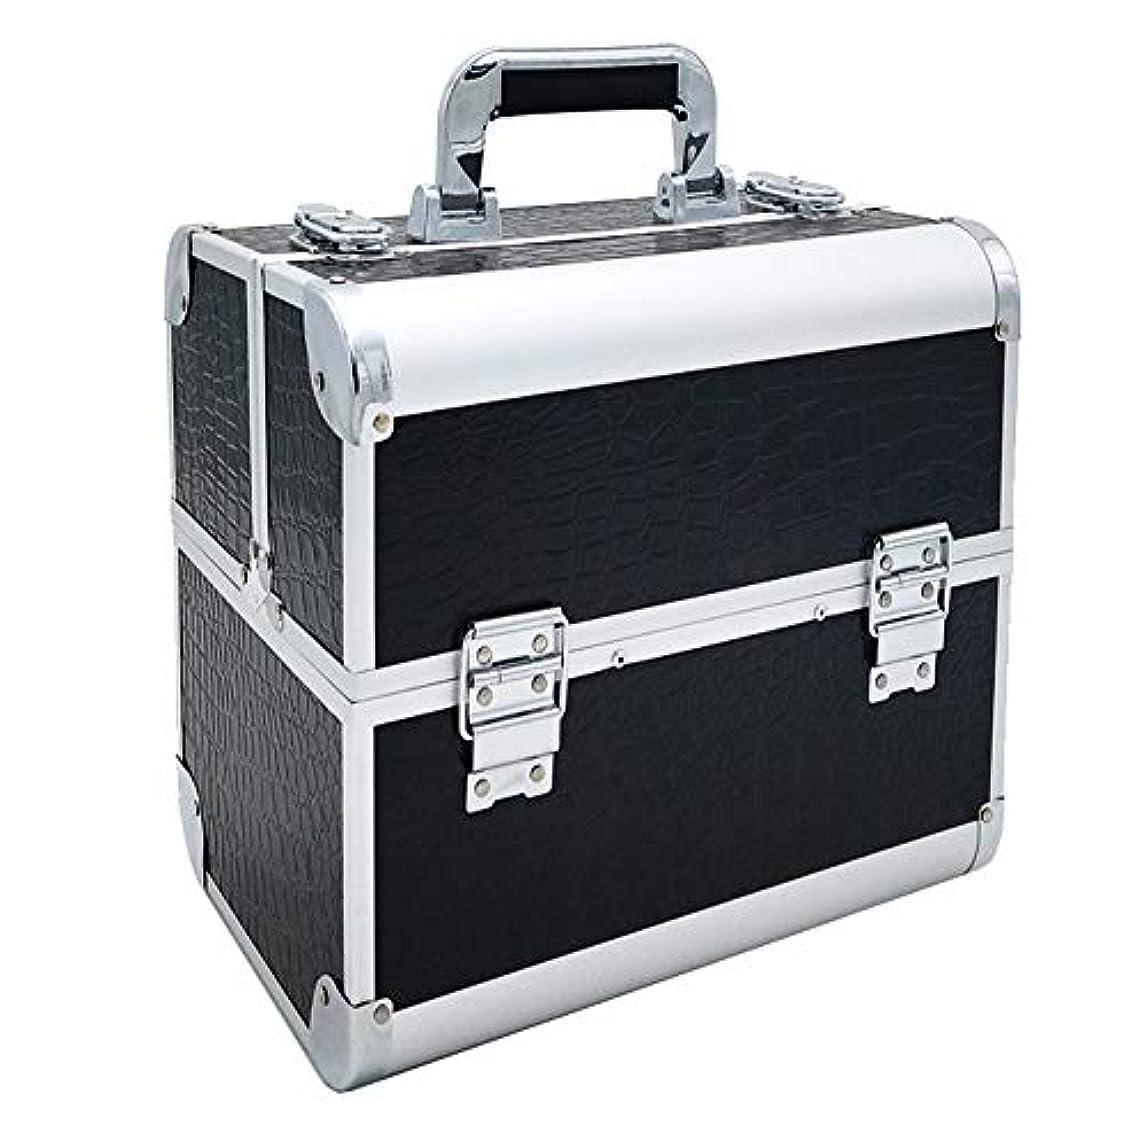 副ランタンユーザー特大スペース収納ビューティーボックス 調節可能なディバイダーが付いている構造の電車箱の専門の化粧品カセット4つの皿および2つのロック黒、ピンク任意。 化粧品化粧台